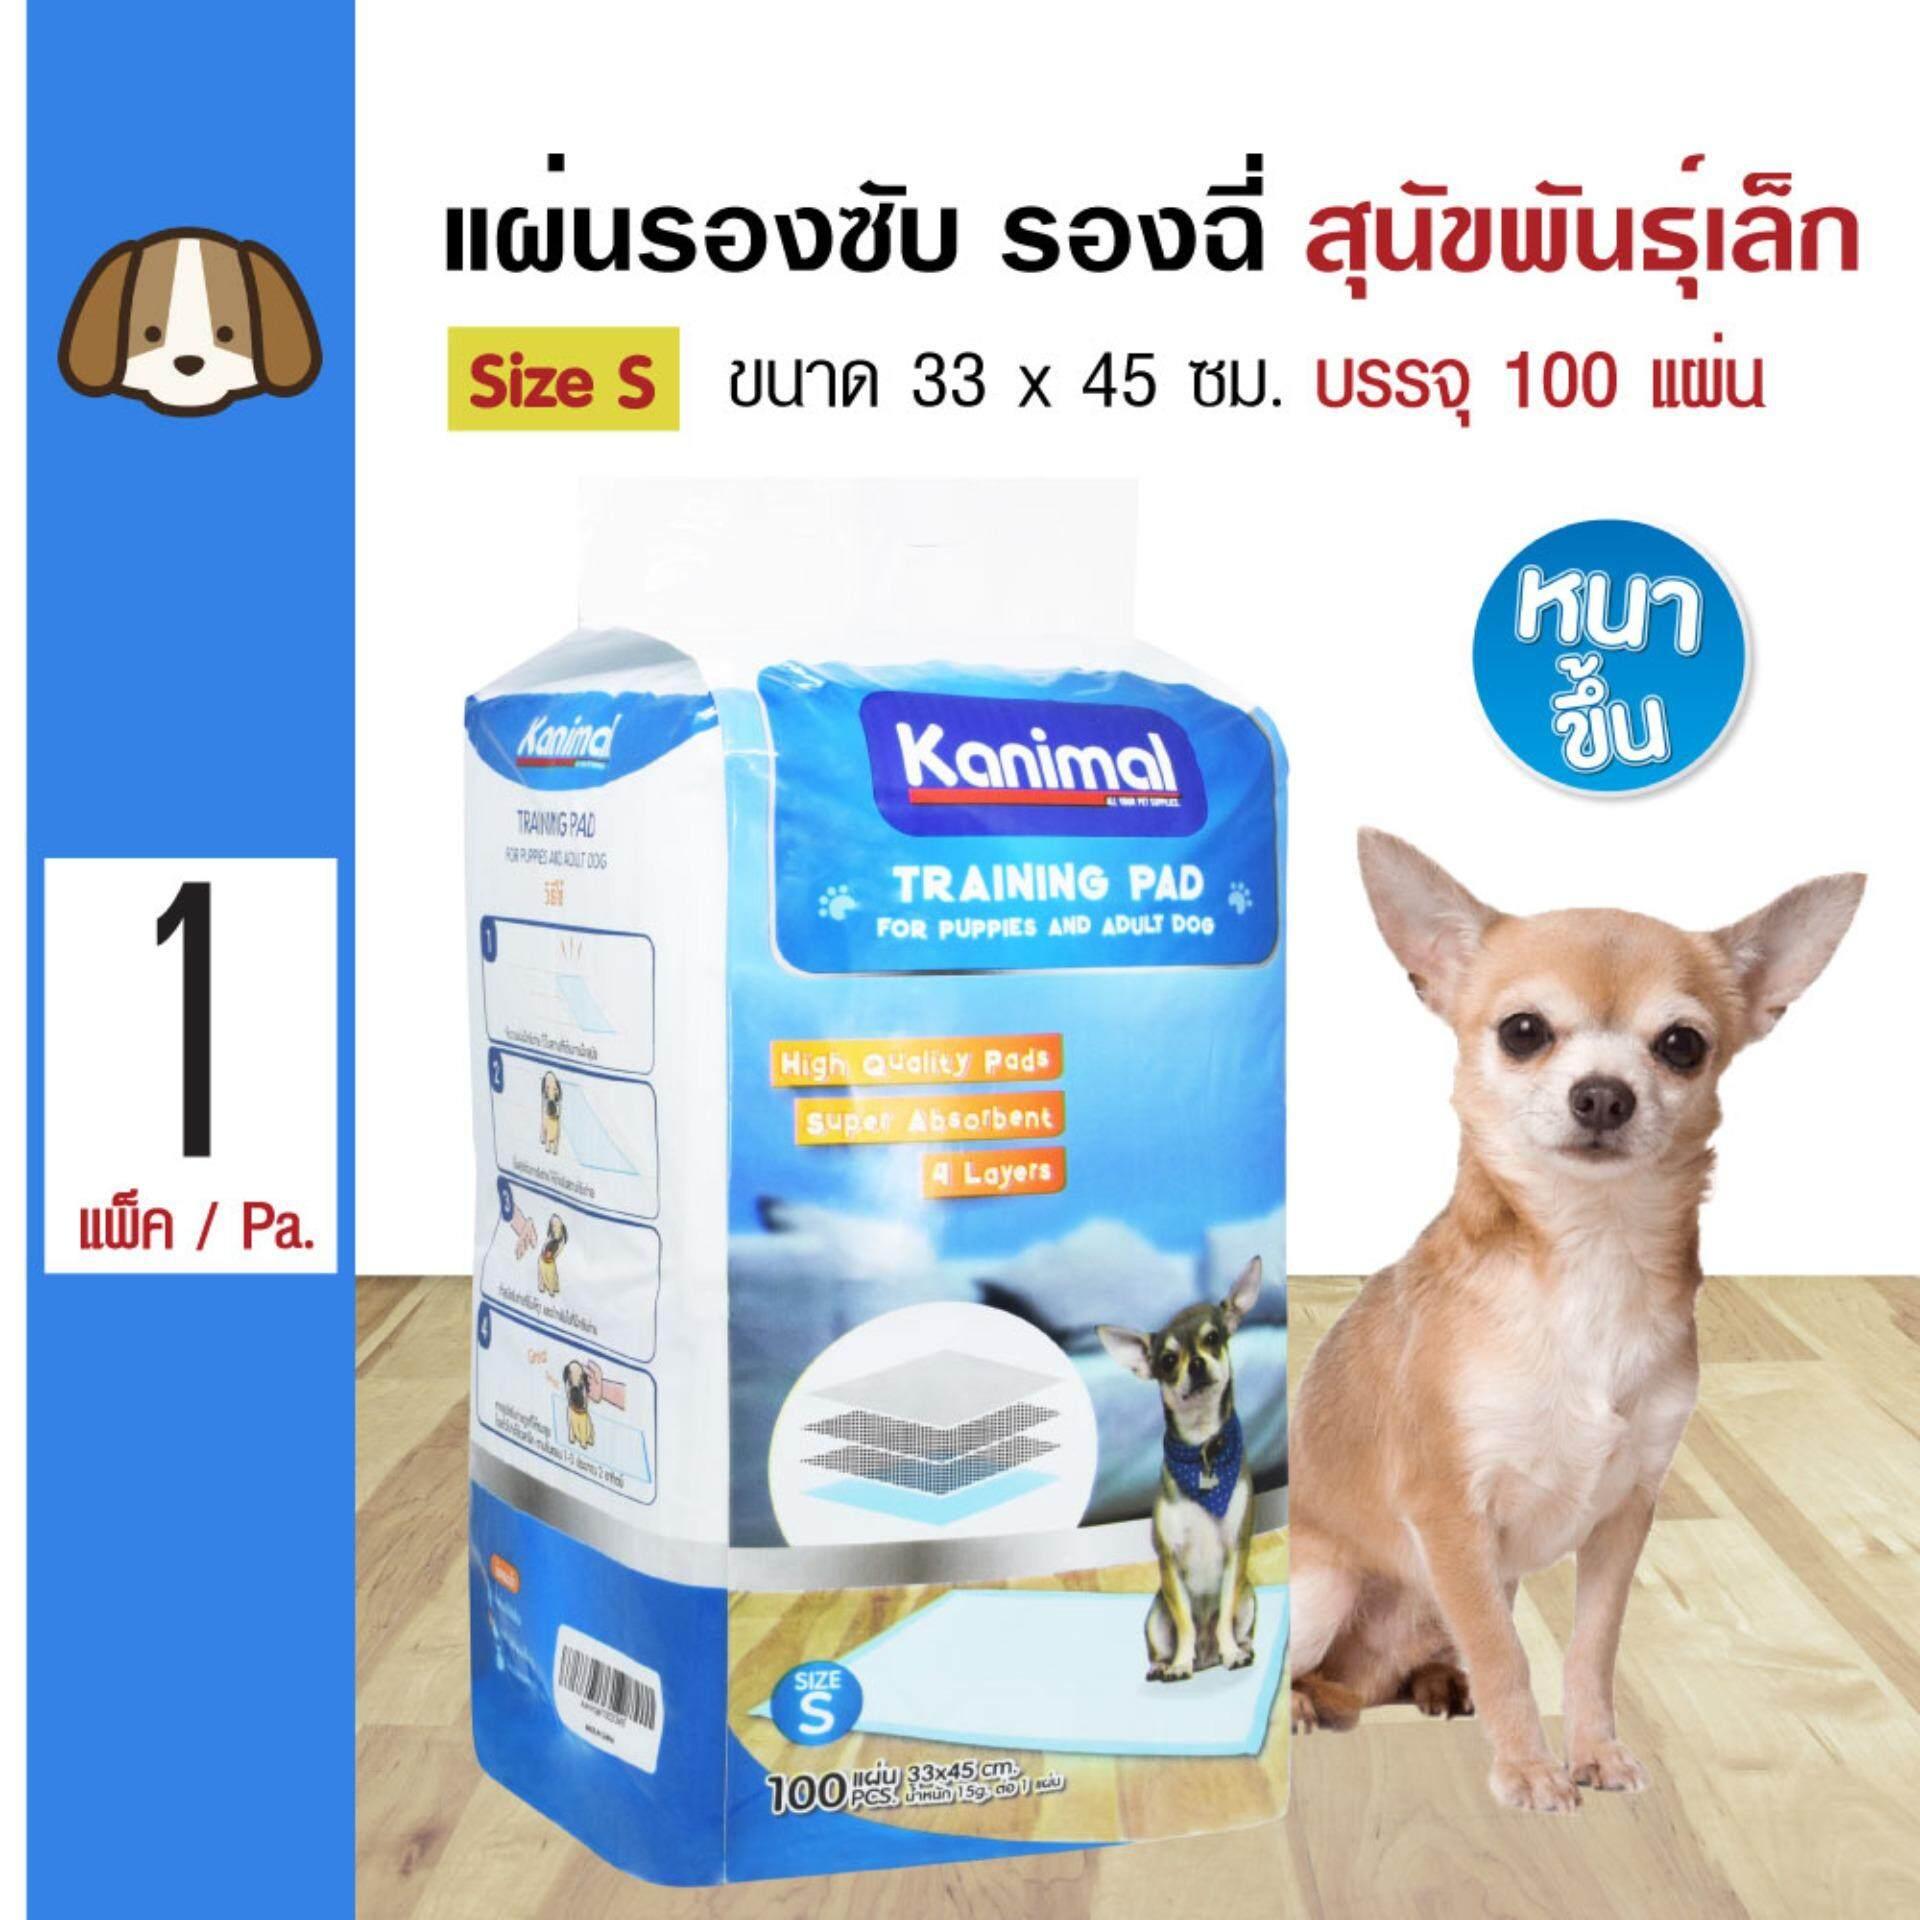 Kanimal Pad แผ่นรองซับสัตว์เลี้ยง แผ่นรองฉี่สุนัข แผ่นอนามัยสัตว์เลี้ยง สำหรับสุนัข Size S ขนาด 33x45 ซม. (100 แผ่น/ แพ็ค)